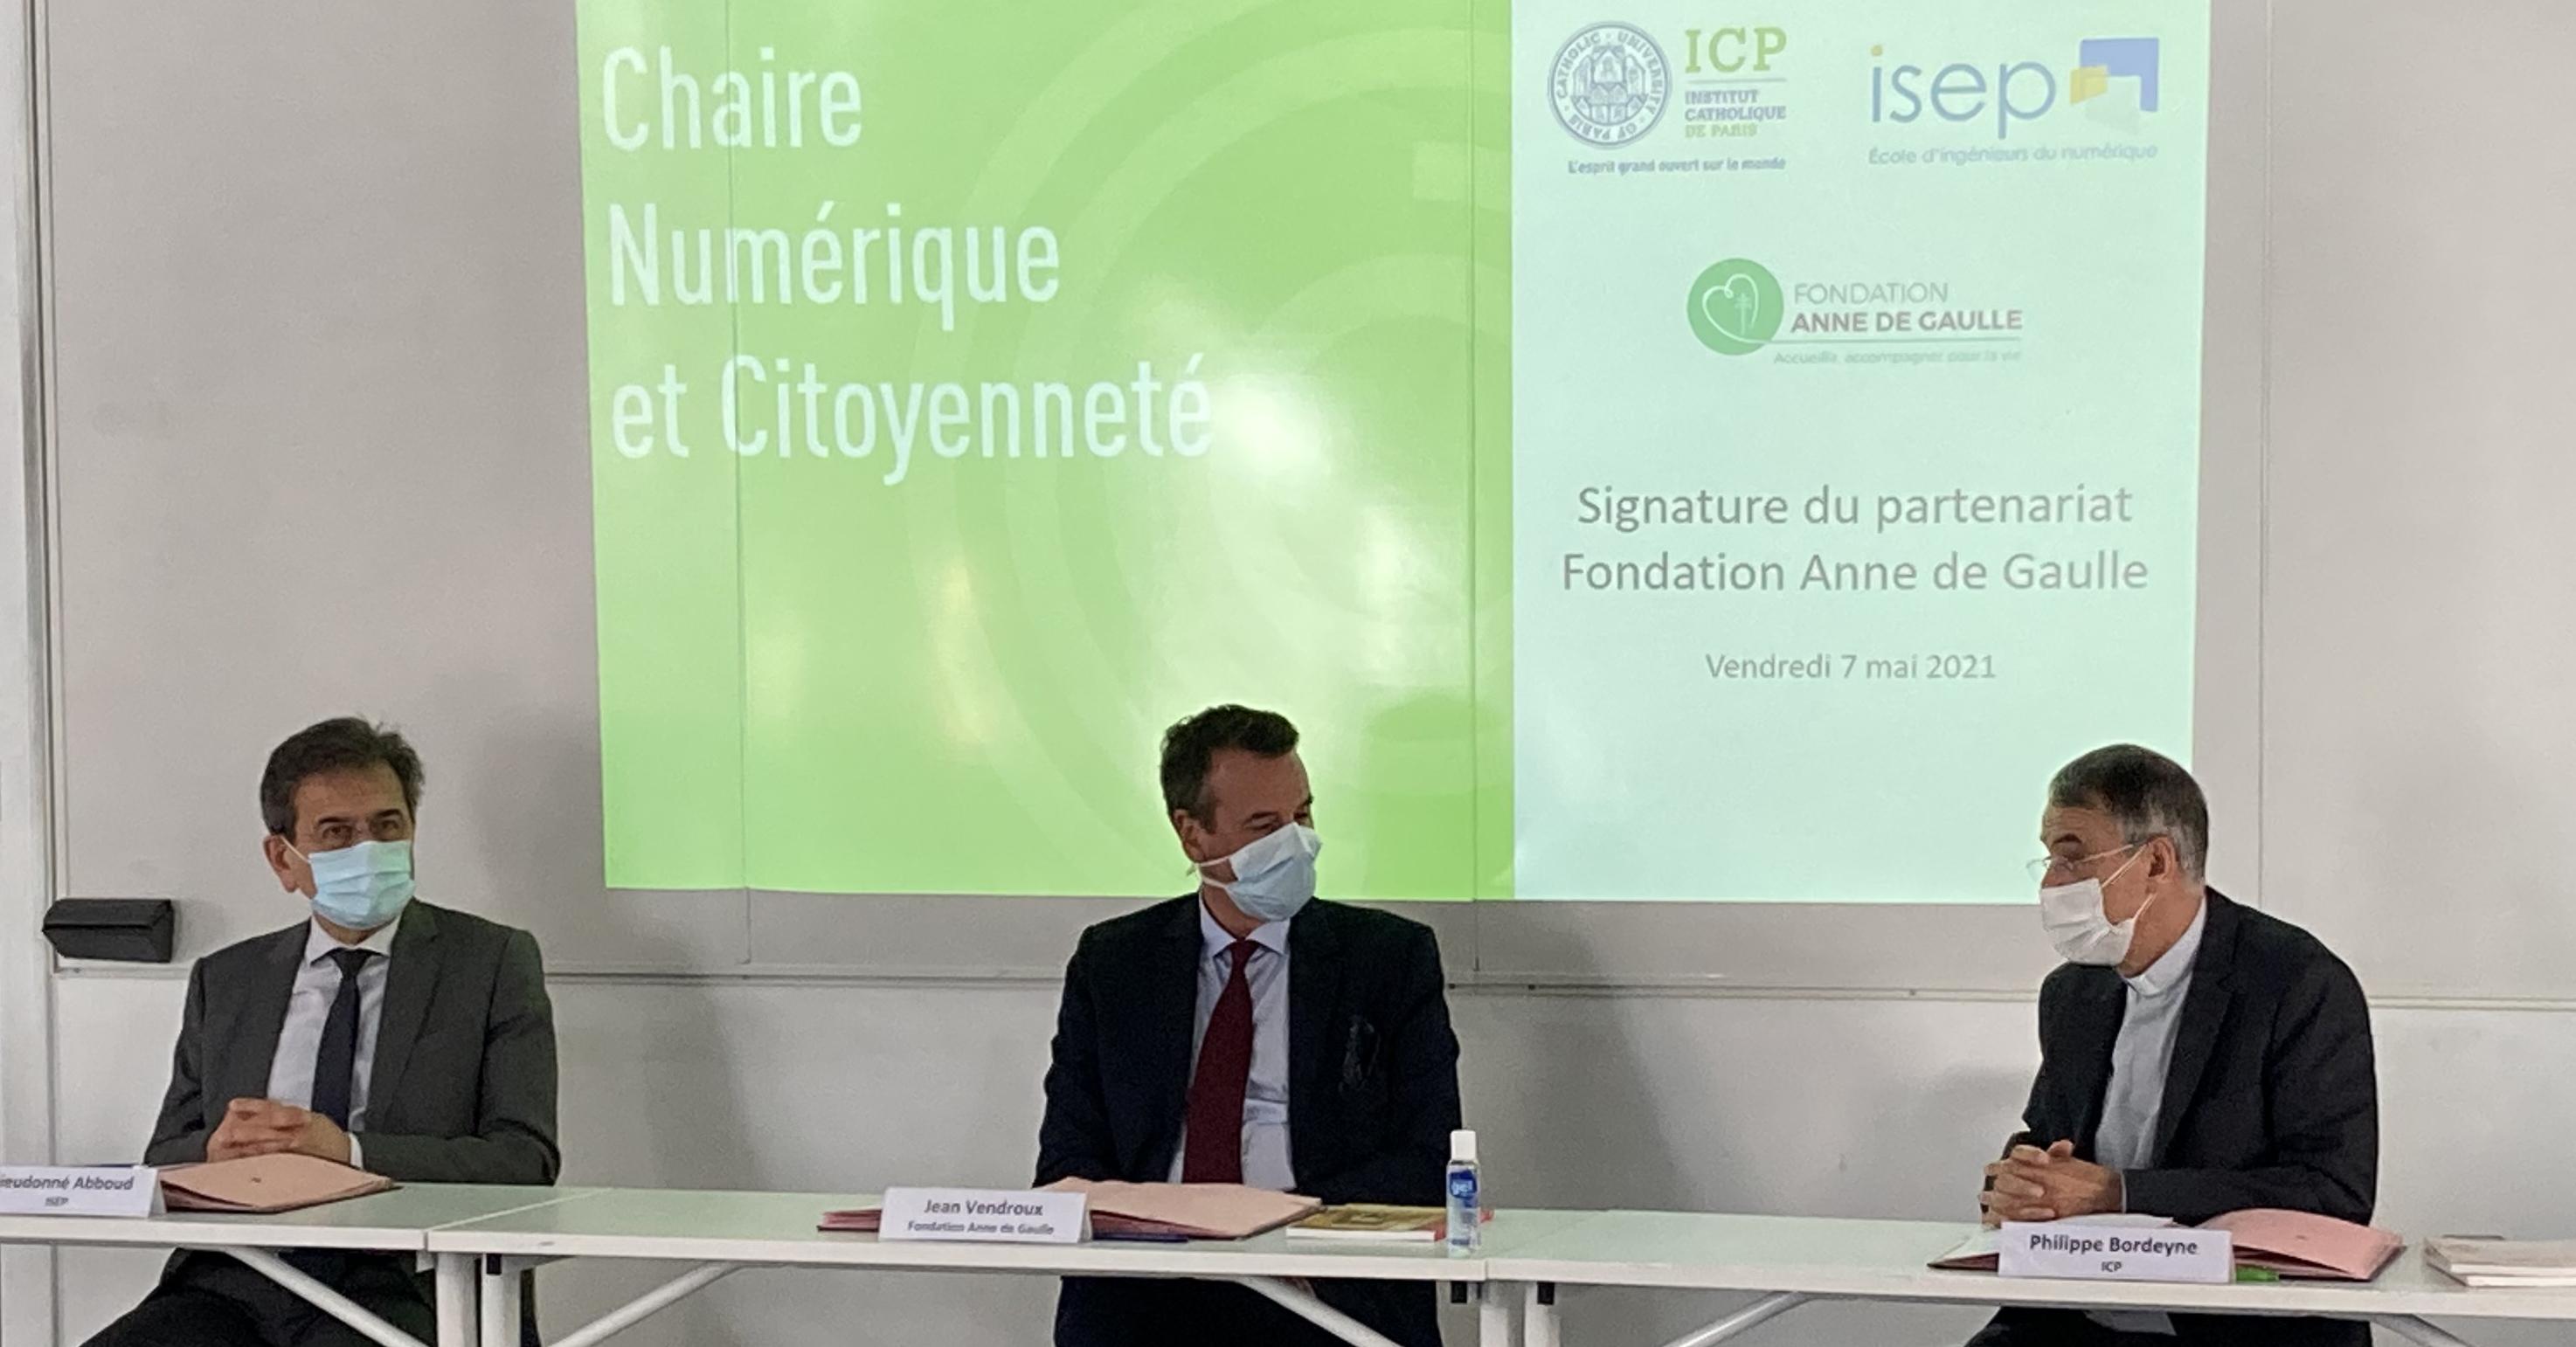 Signature du partenariat Fondation A. de Gaulle / Chaire Numérique et Citoyenneté